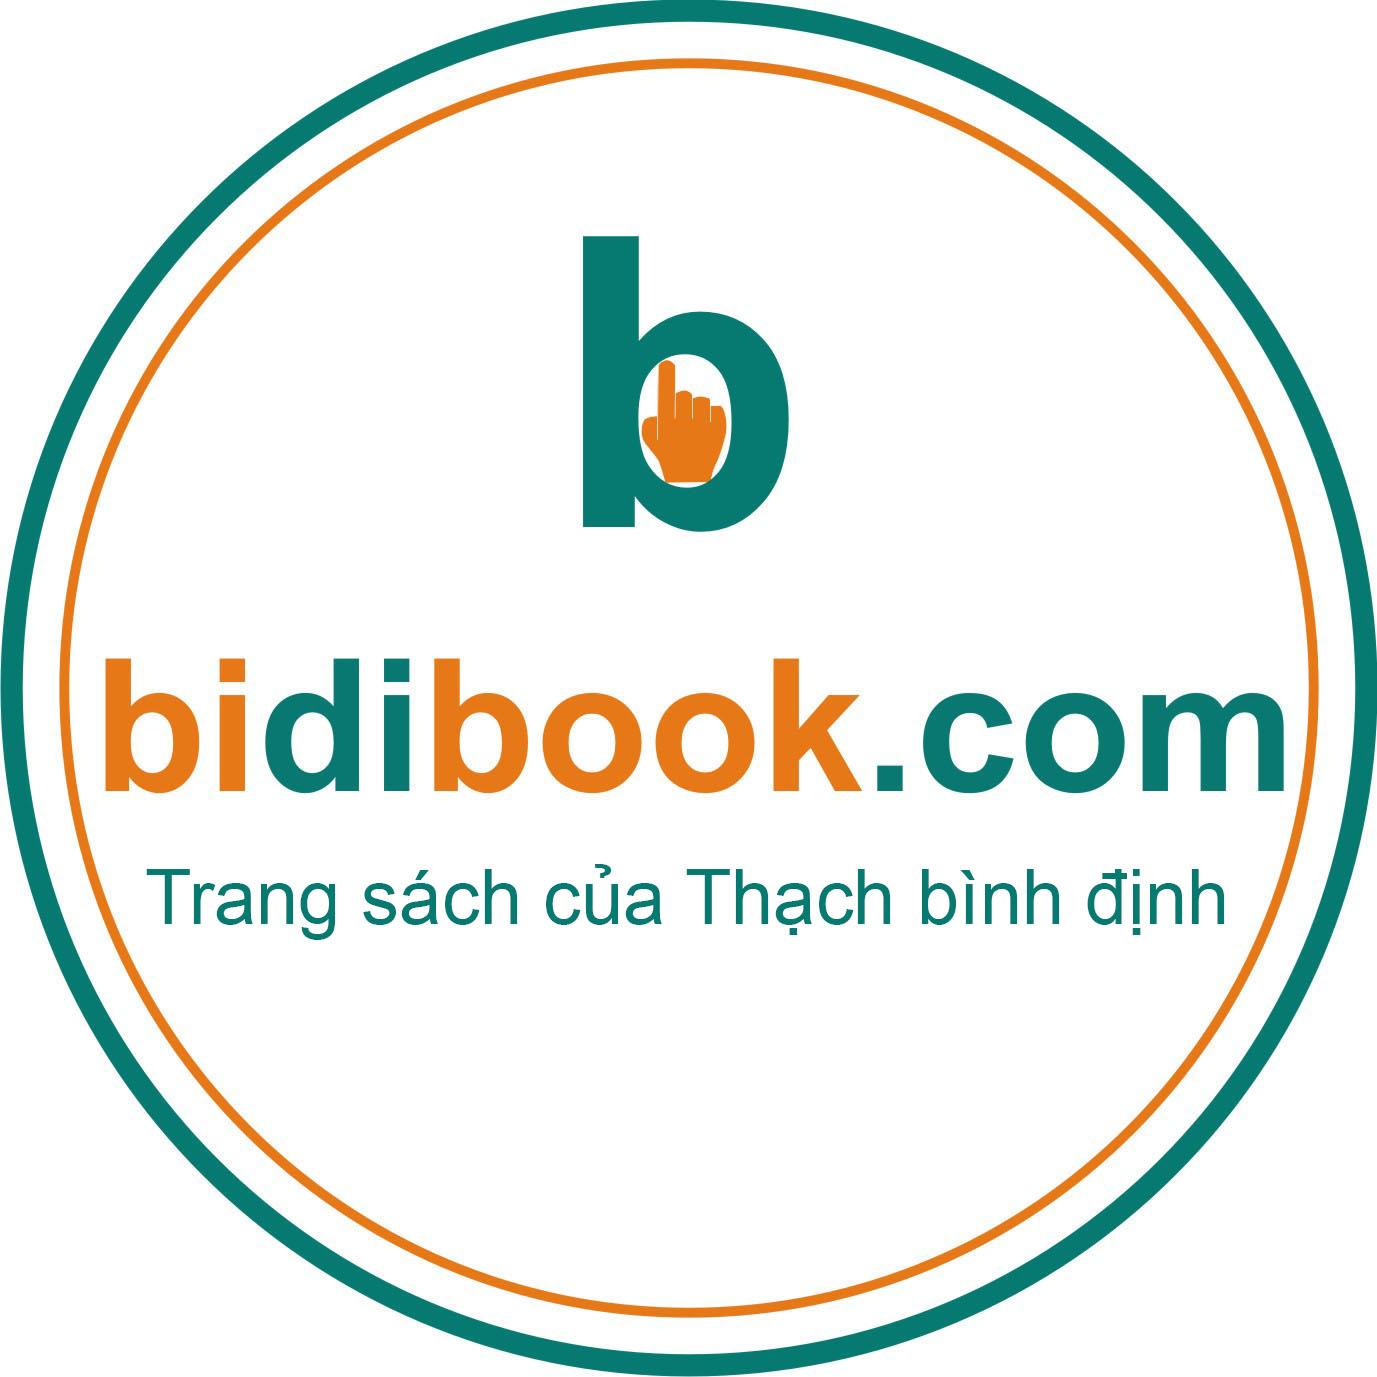 Bidibook hình thành và phát triển